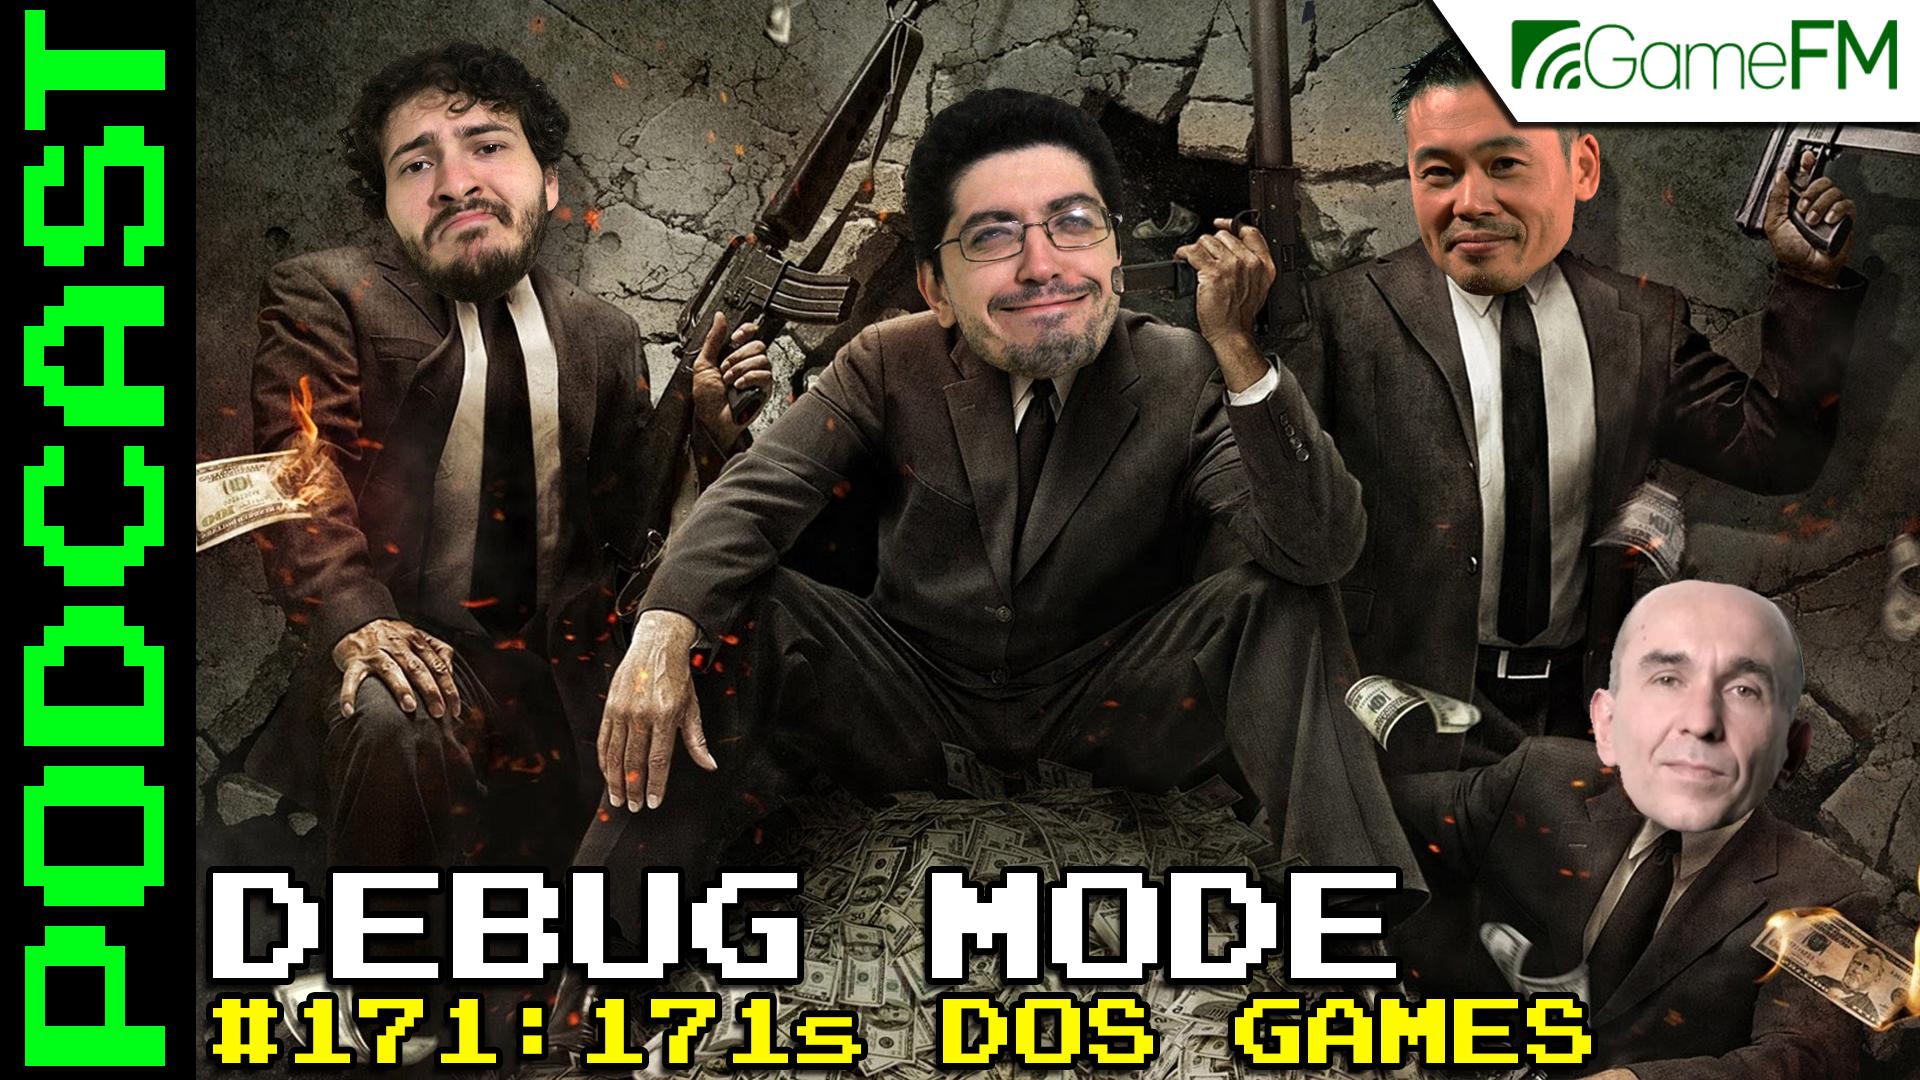 DebugMode171